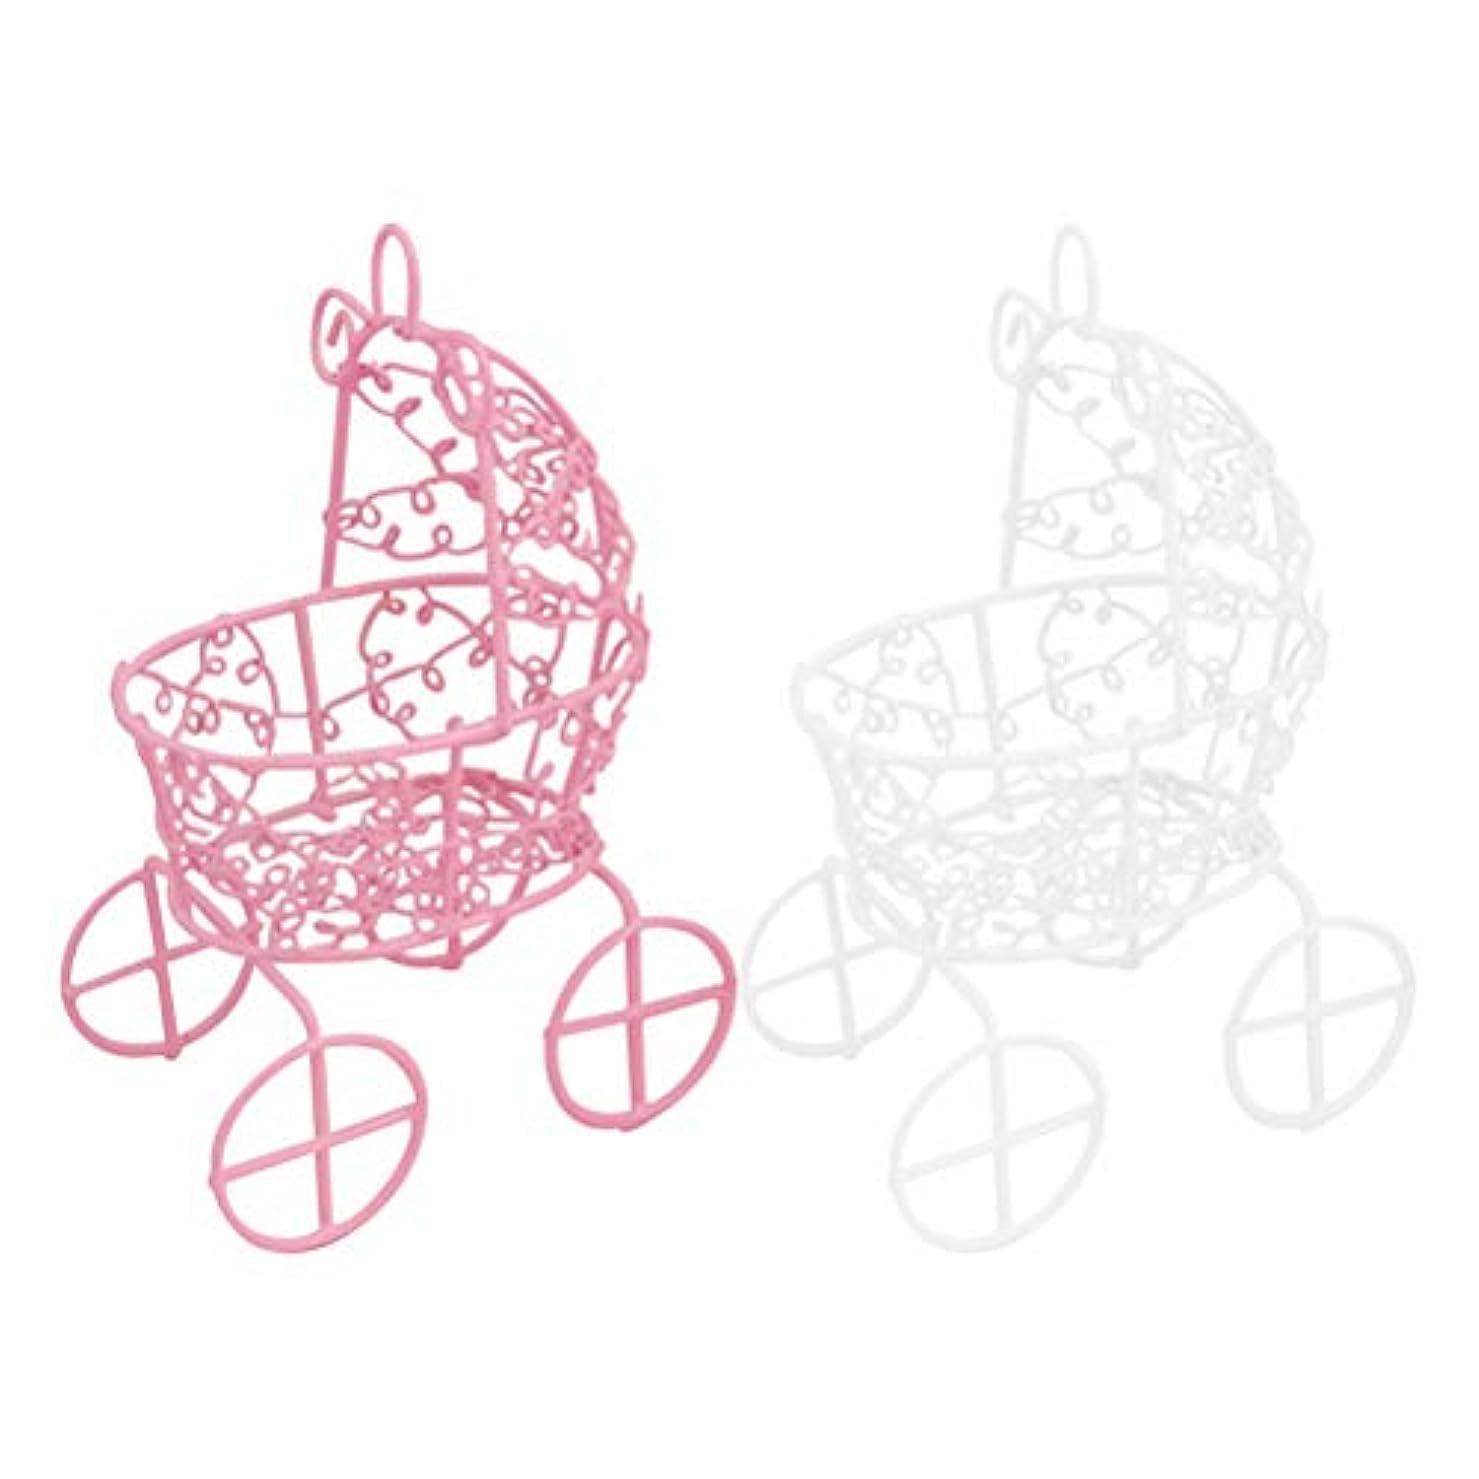 不当最大化する第九Frcolor メイクスポンジスタンド パフホルダー パフ乾燥用スタンド 化粧用パフ收納 カビ防止 小型軽量 2色セット(ピンク+ホワイト)